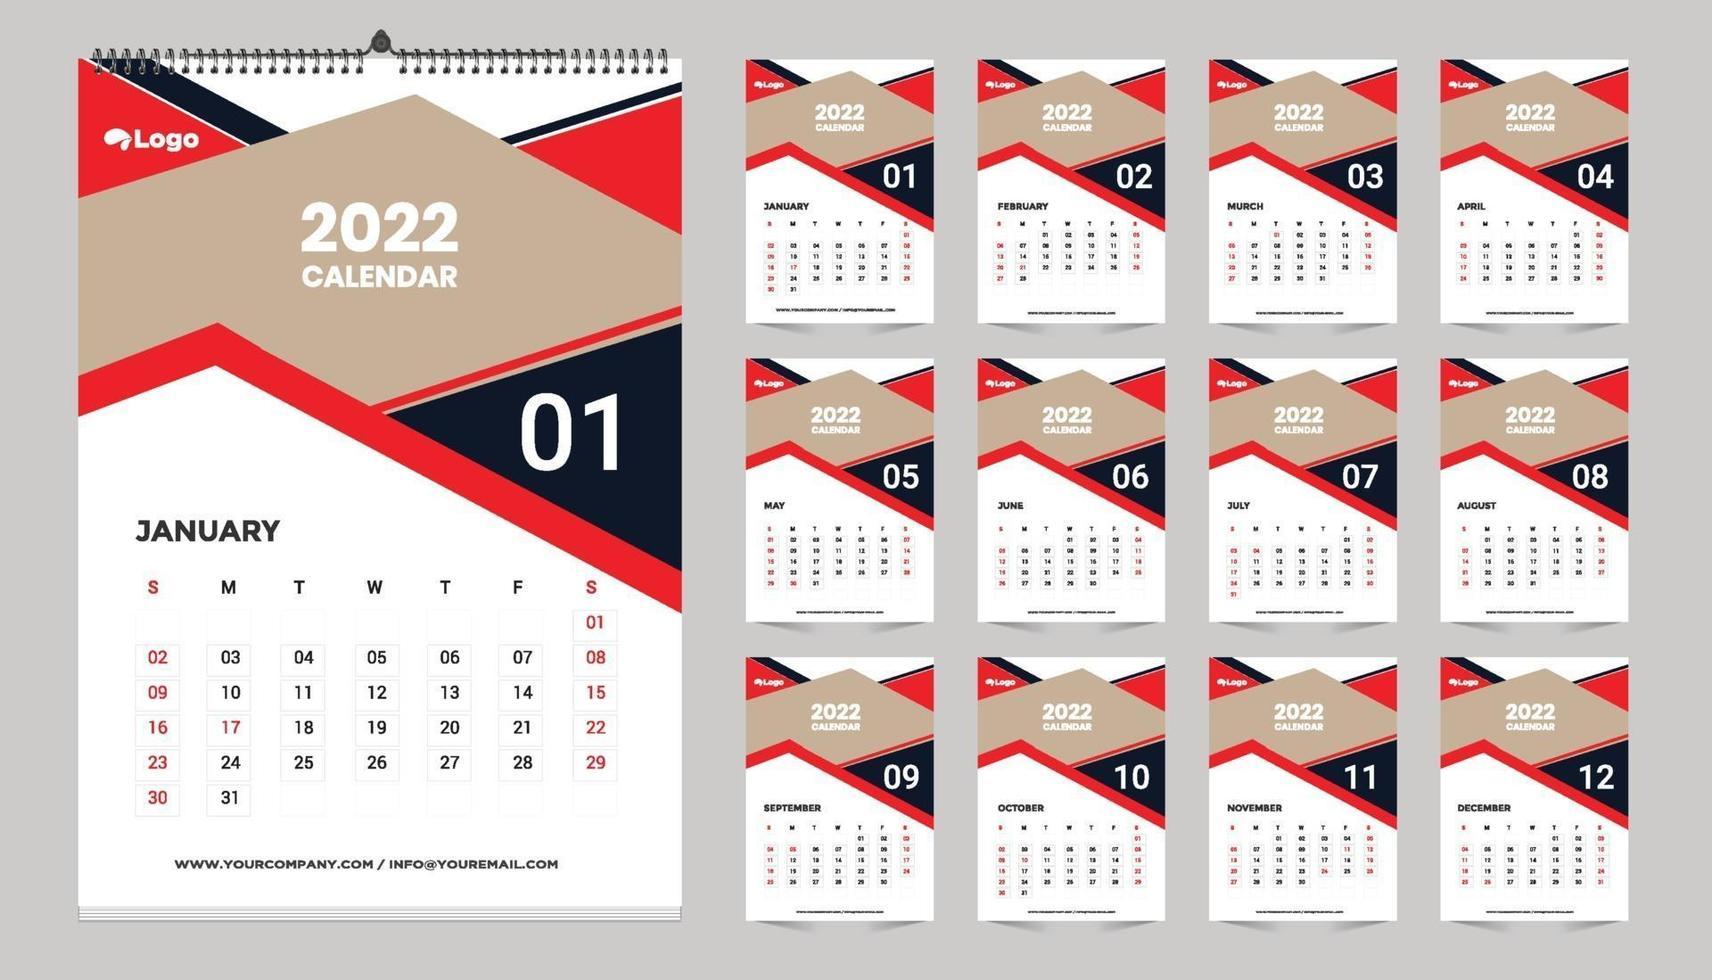 Modèle De Calendrier 2022 calendrier mural 2022 idée de conception de modèle, calendrier